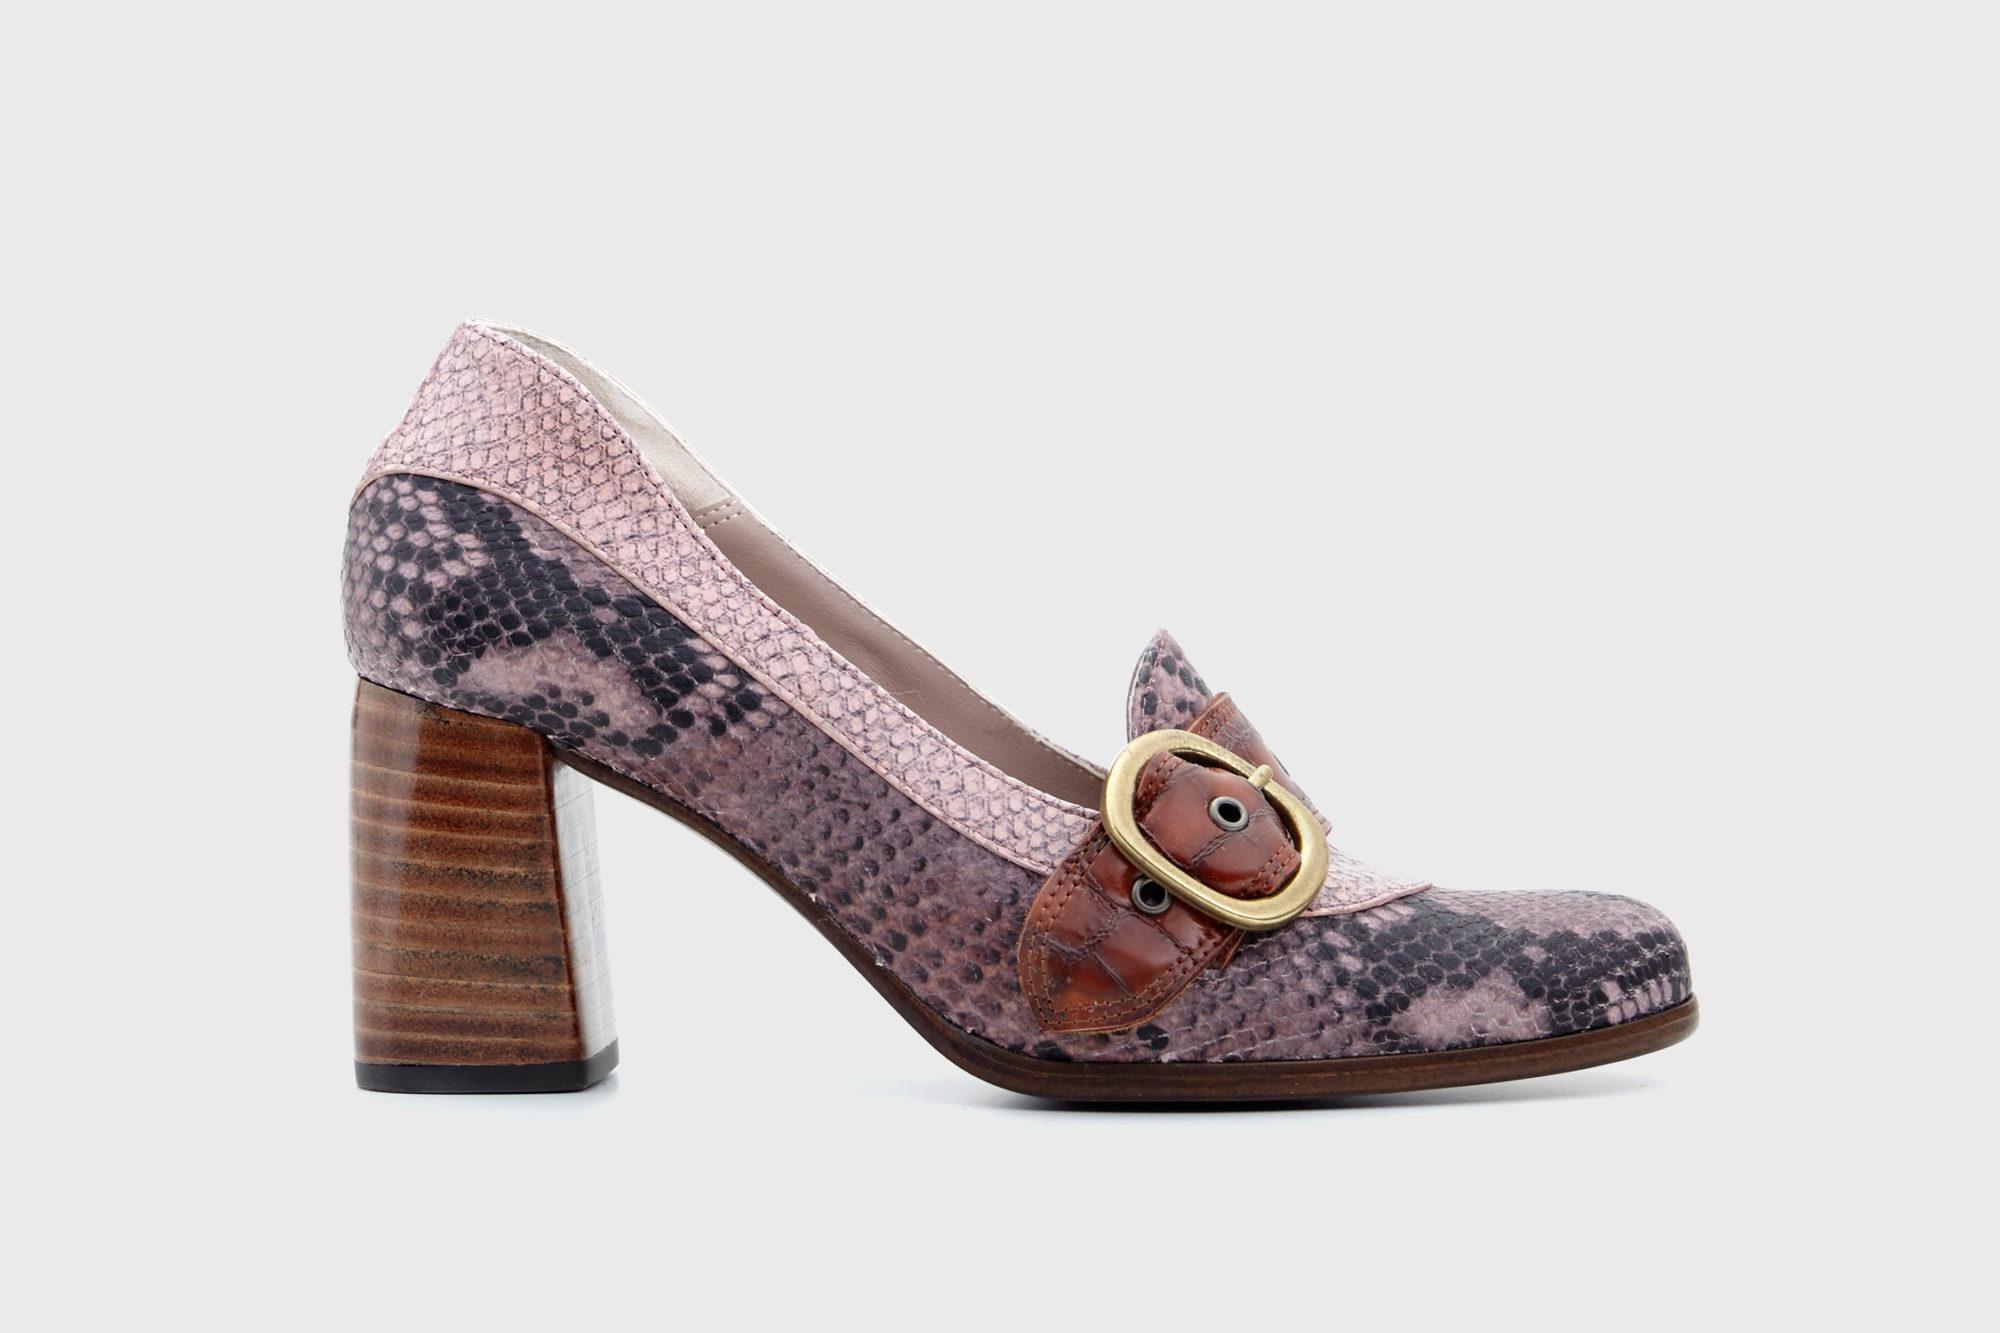 Dorotea zapato salón Juliette rosa fw17 perfil